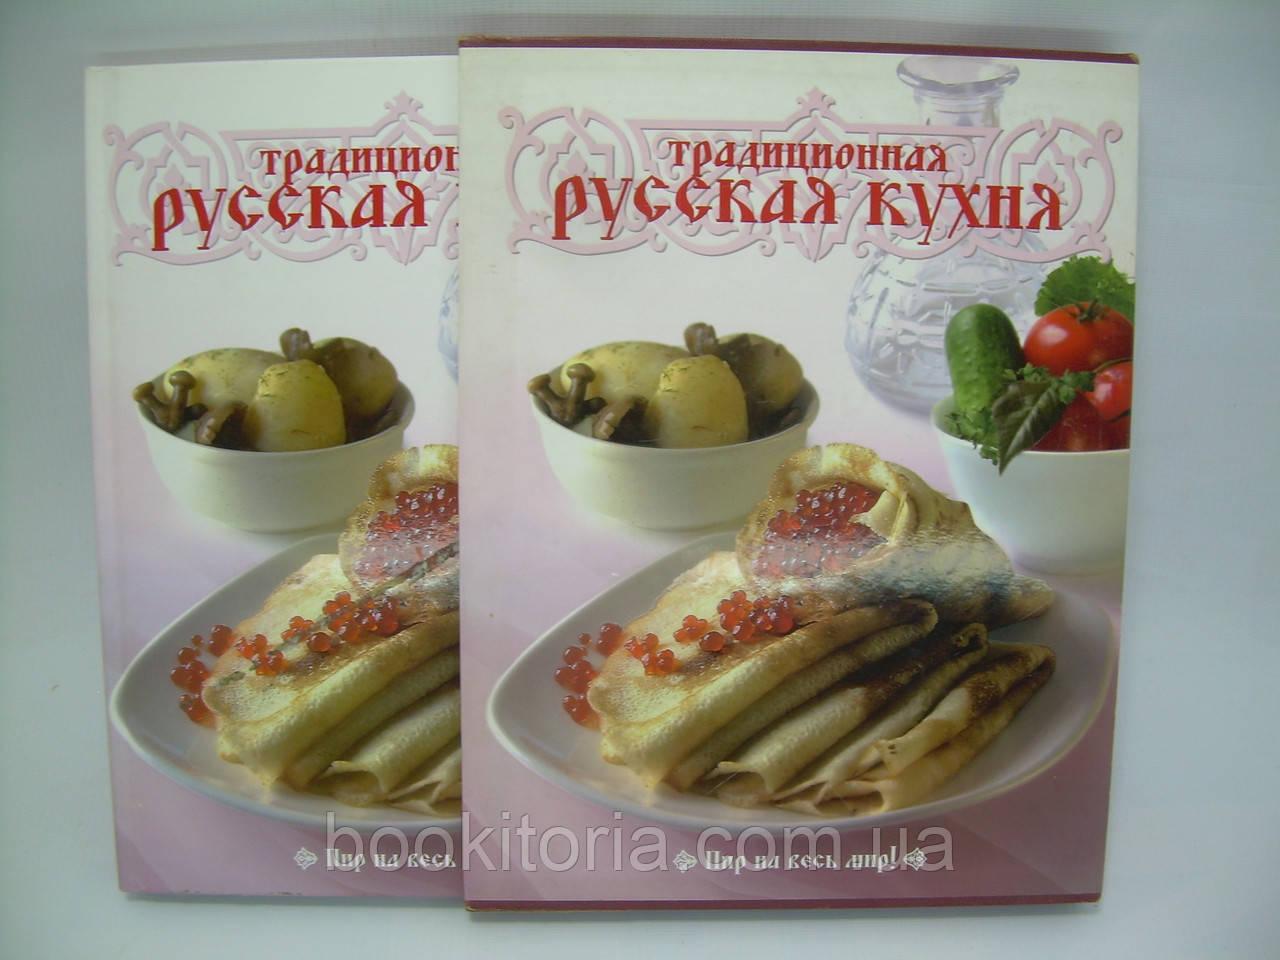 Традиционная русская кухня (б/у).